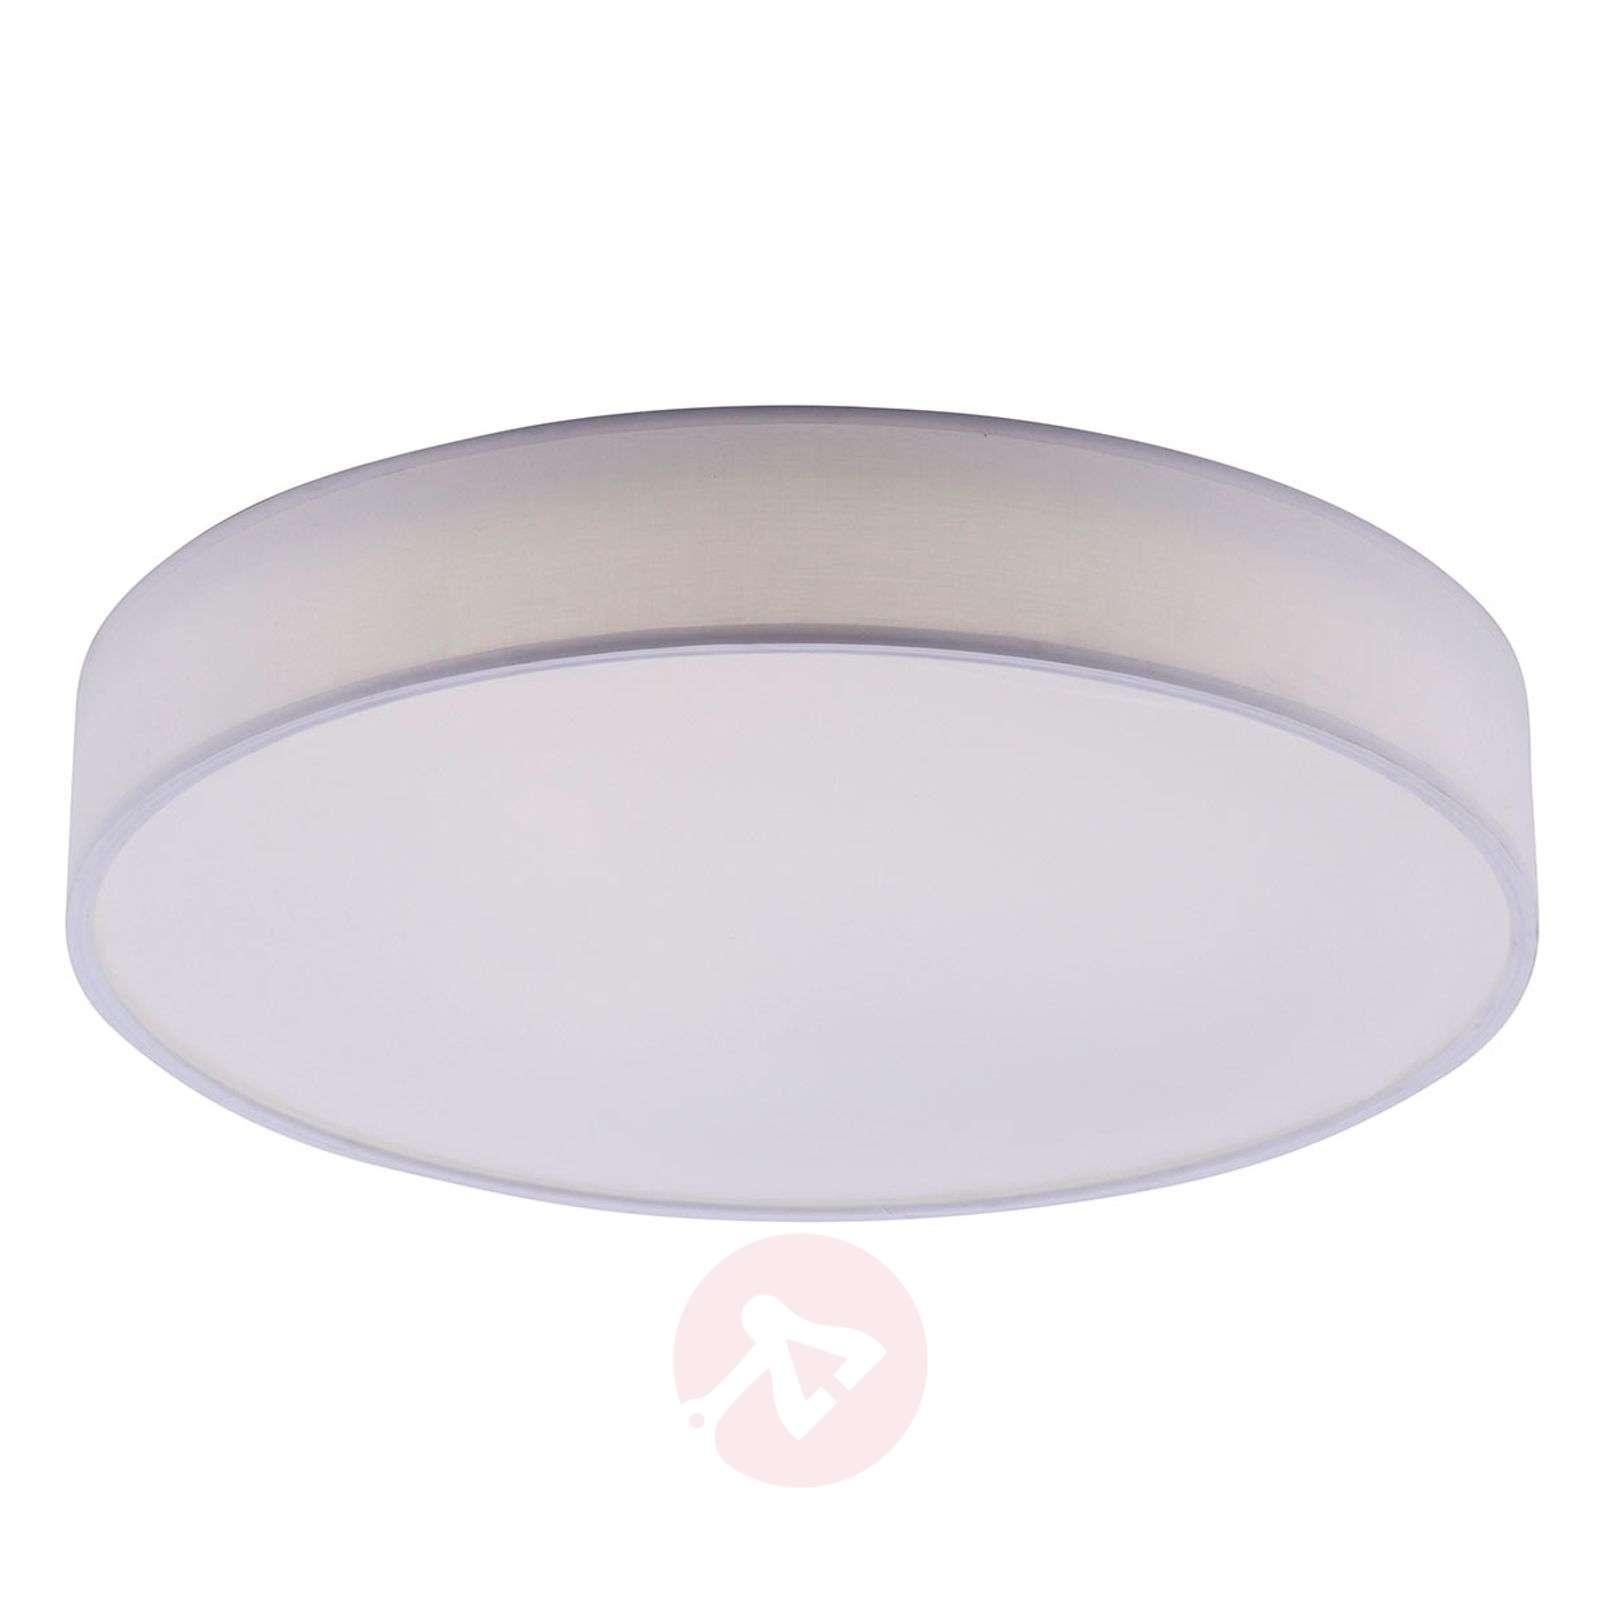 LED-RGB-kattovalaisin Ajai 3000–5000K WiZ 75 cm-8032179-02